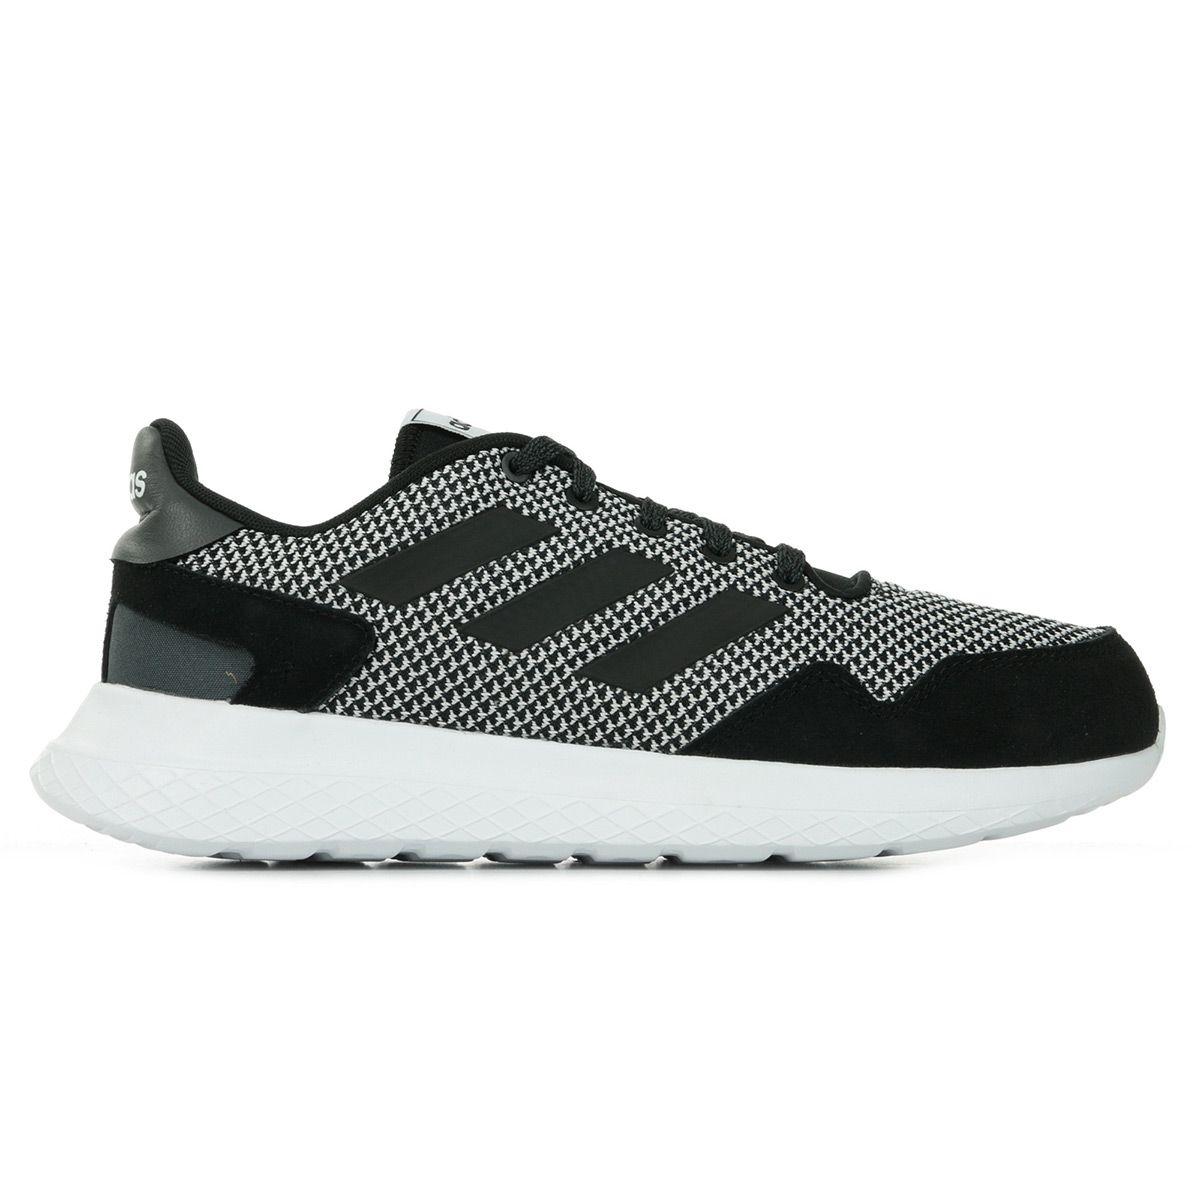 Sélection de chaussures Adidas et Reebok en promotion. Ex: Chaussures Adidas Archivo